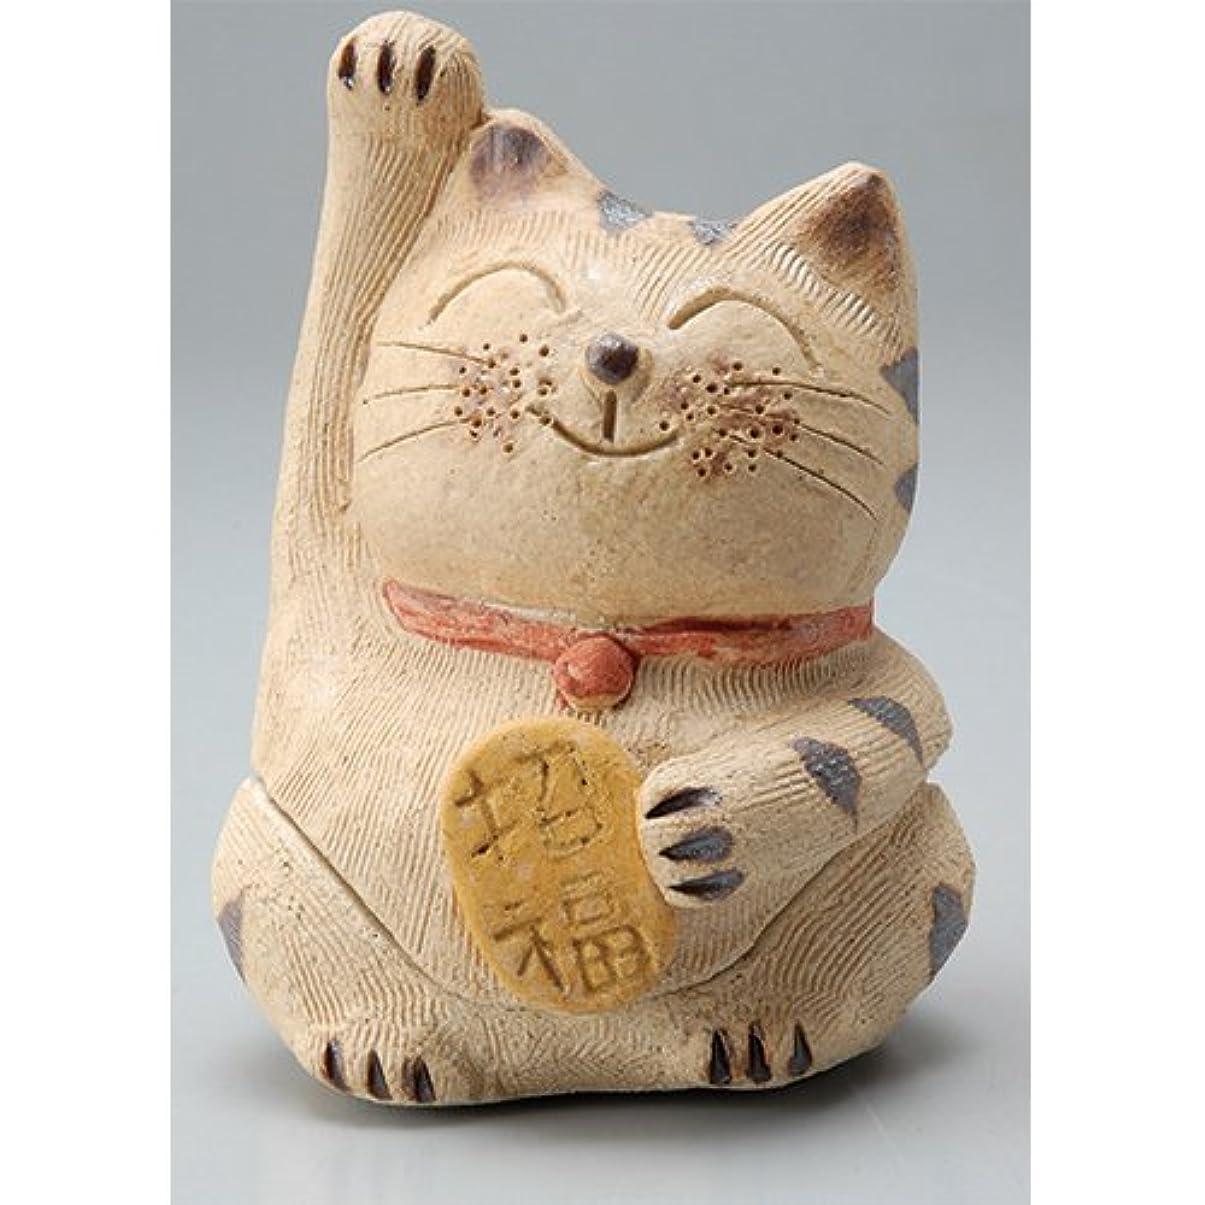 家庭教師未接続香炉 微笑み招き猫(お金招き)香炉(小) [H8.5cm] HANDMADE プレゼント ギフト 和食器 かわいい インテリア